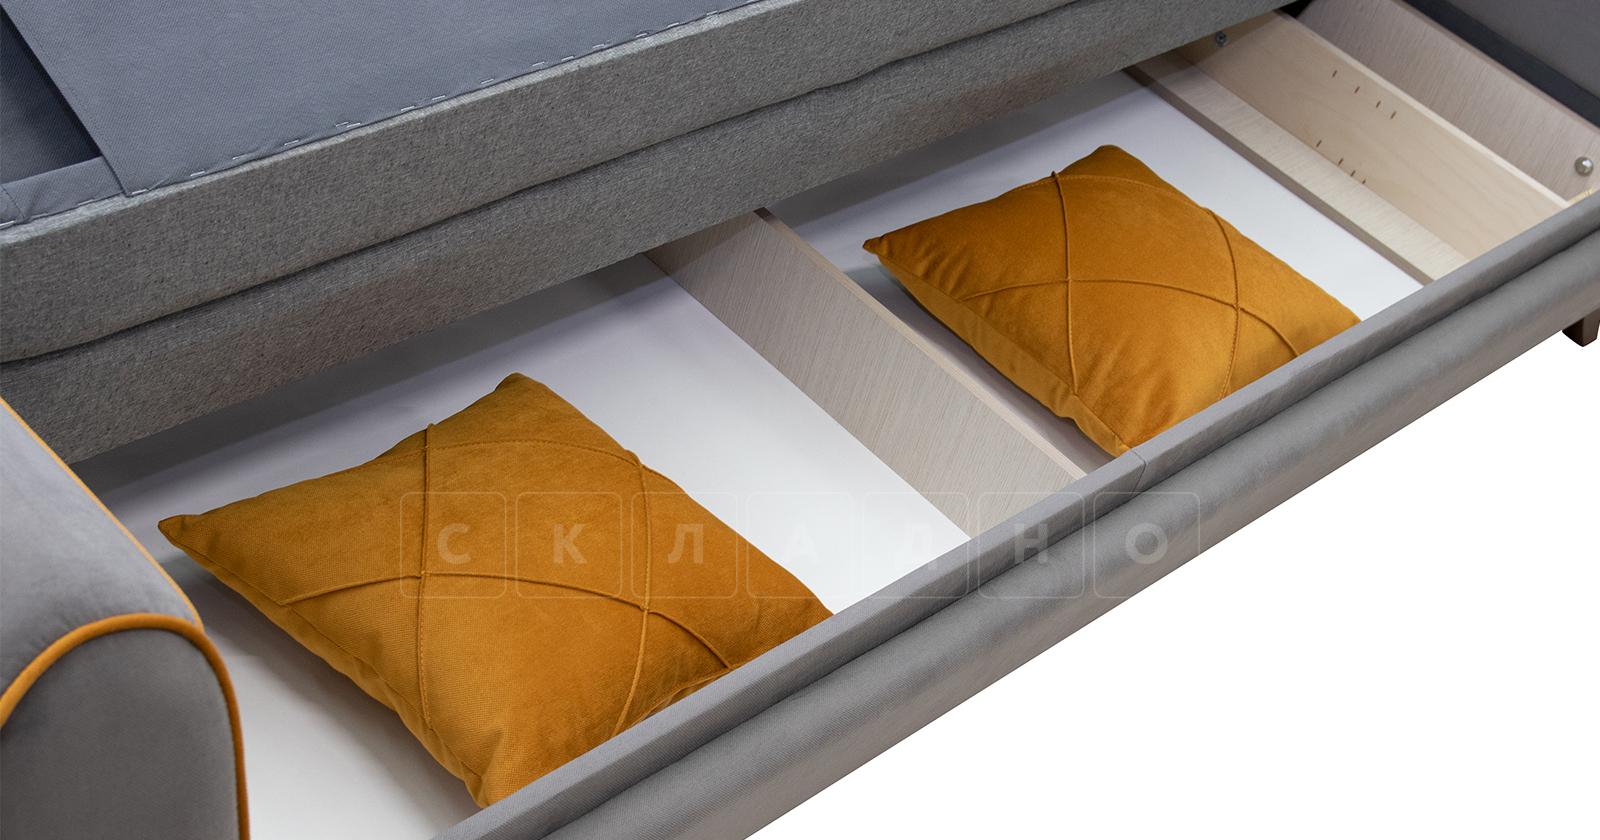 Диван-кровать Флэтфорд кварцевый серый фото 10 | интернет-магазин Складно